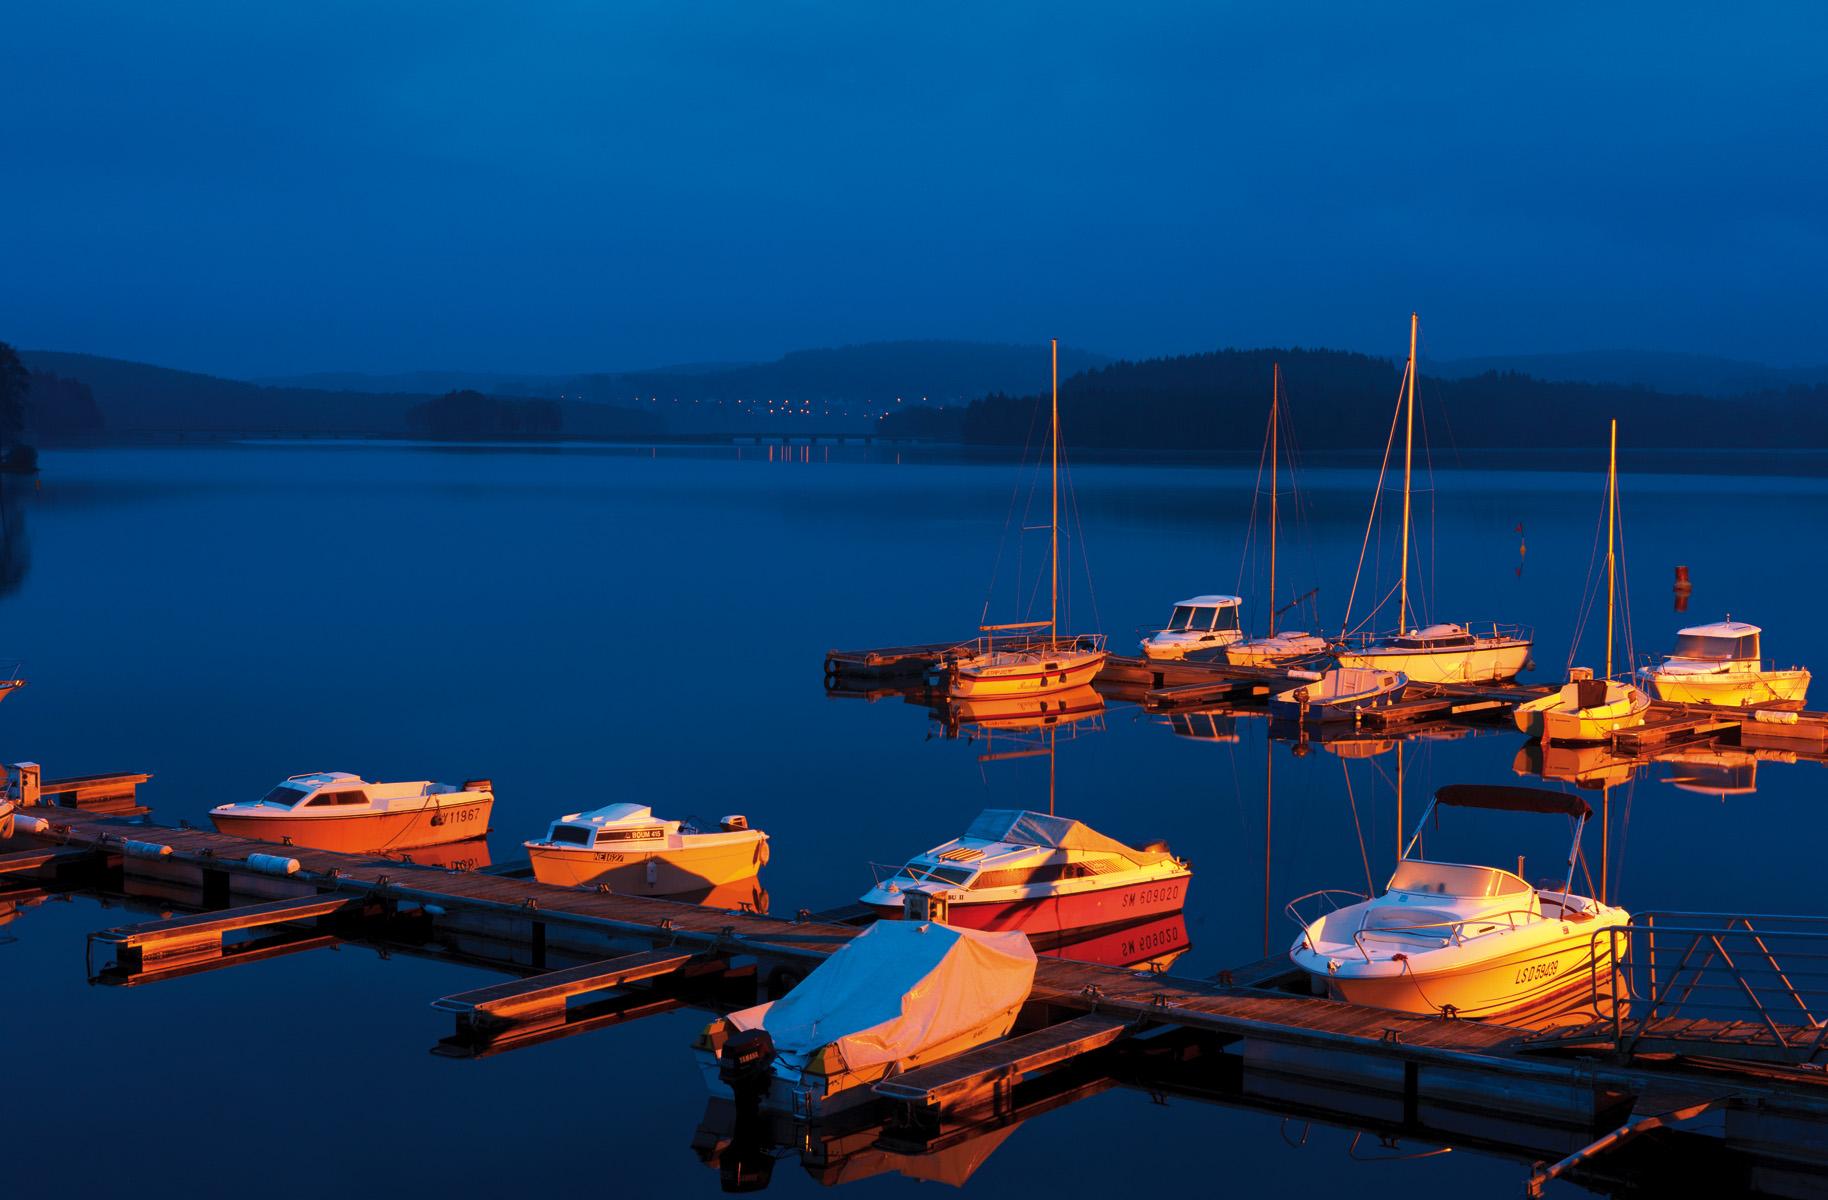 Lac de Vassiviere Port Crozat a  Auphelle-2